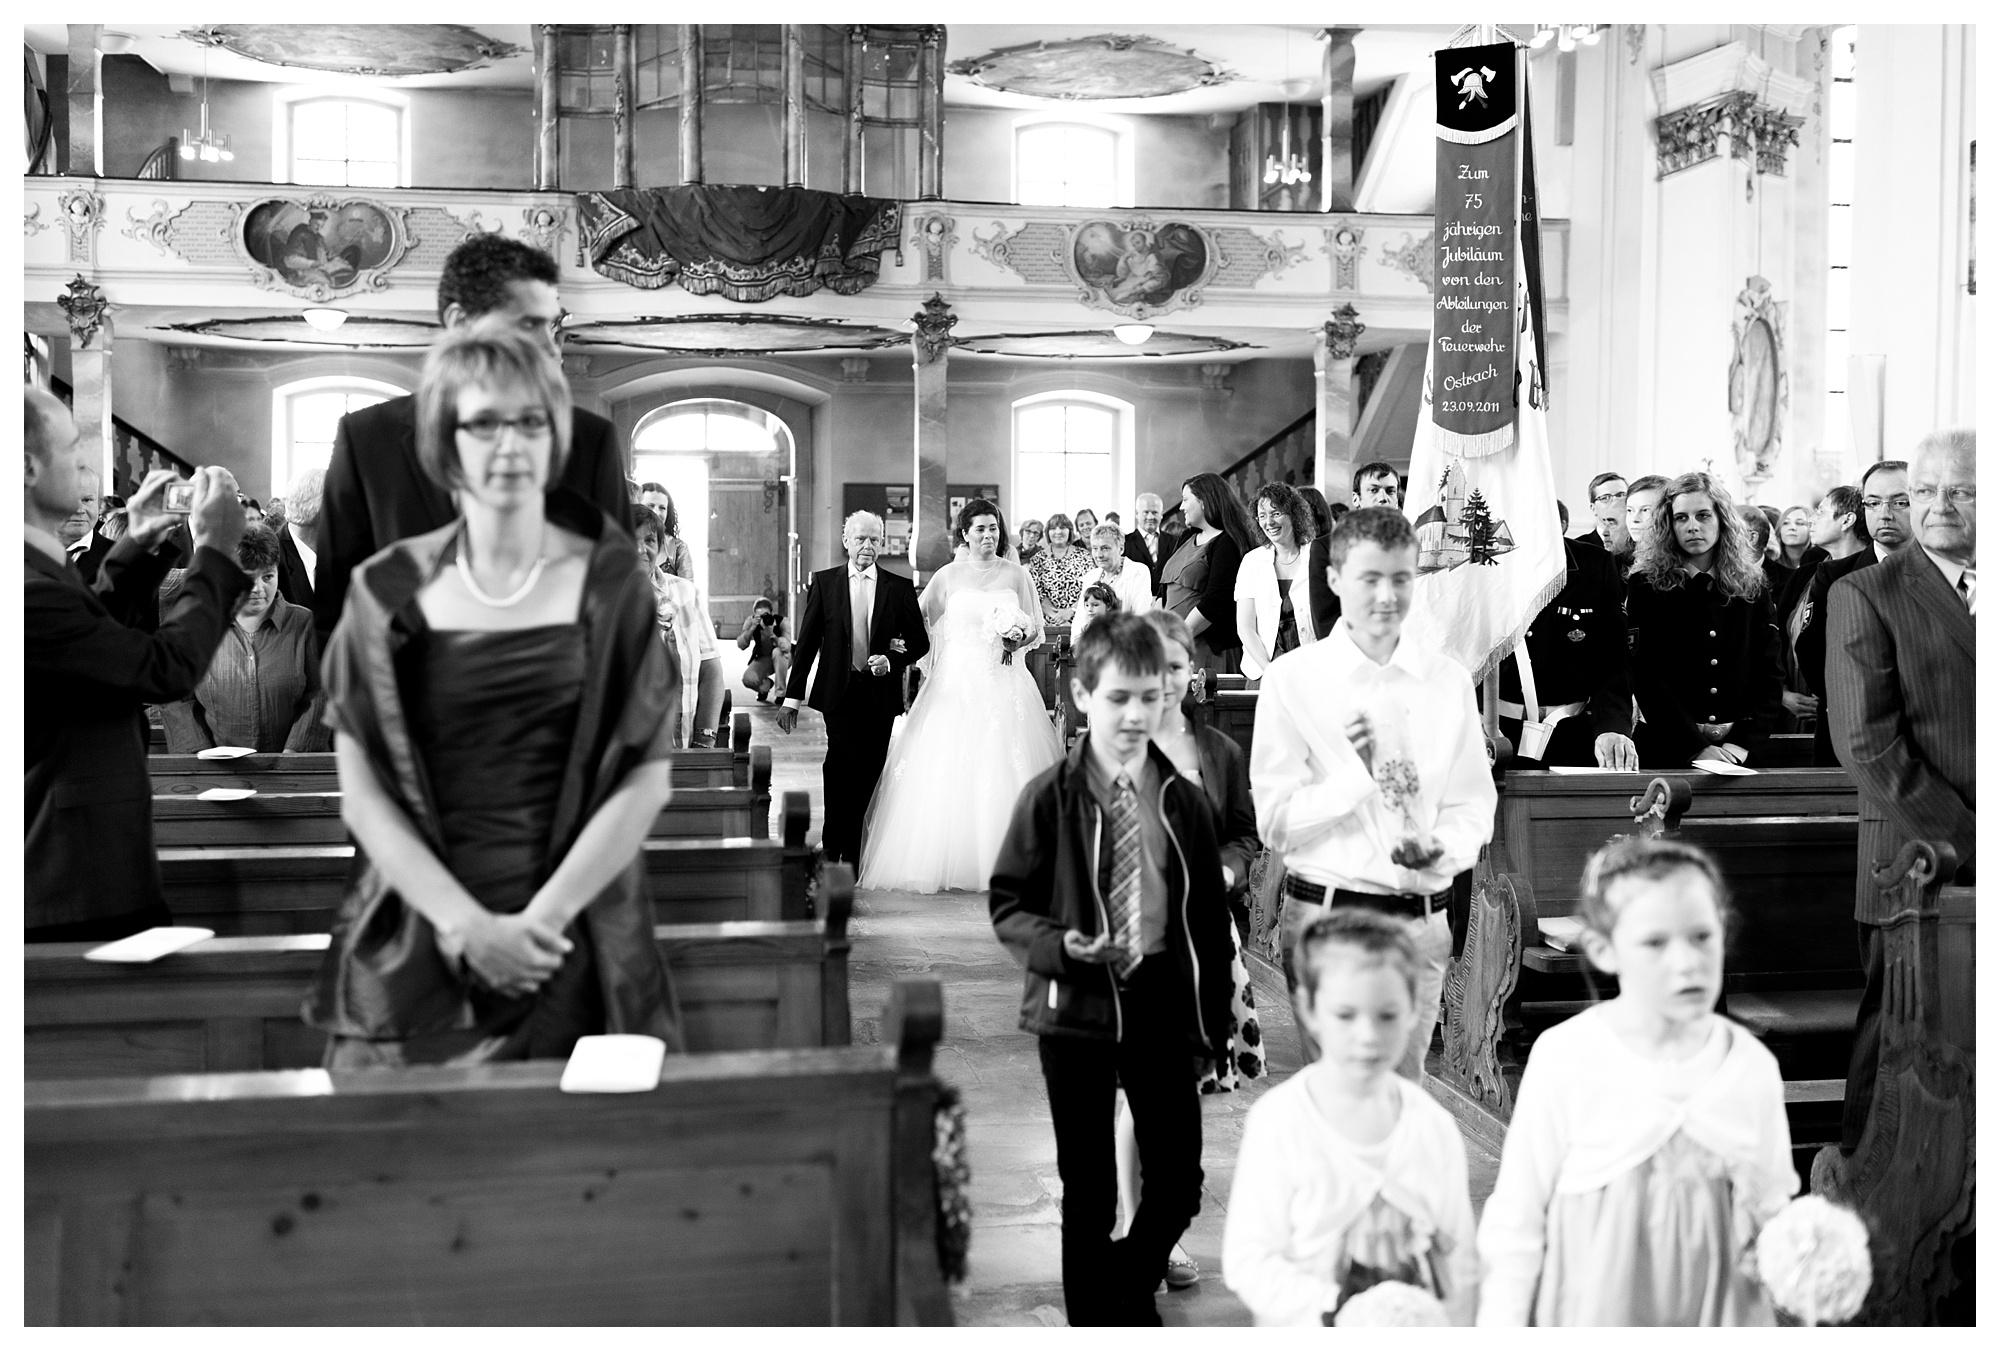 Fotograf Konstanz - Hochzeit Tanja Elmar Elmar Feuerbacher Photography Konstanz Messkirch Highlights 022 - Hochzeitsreportage von Tanja und Elmar im Schloss Meßkirch  - 21 -